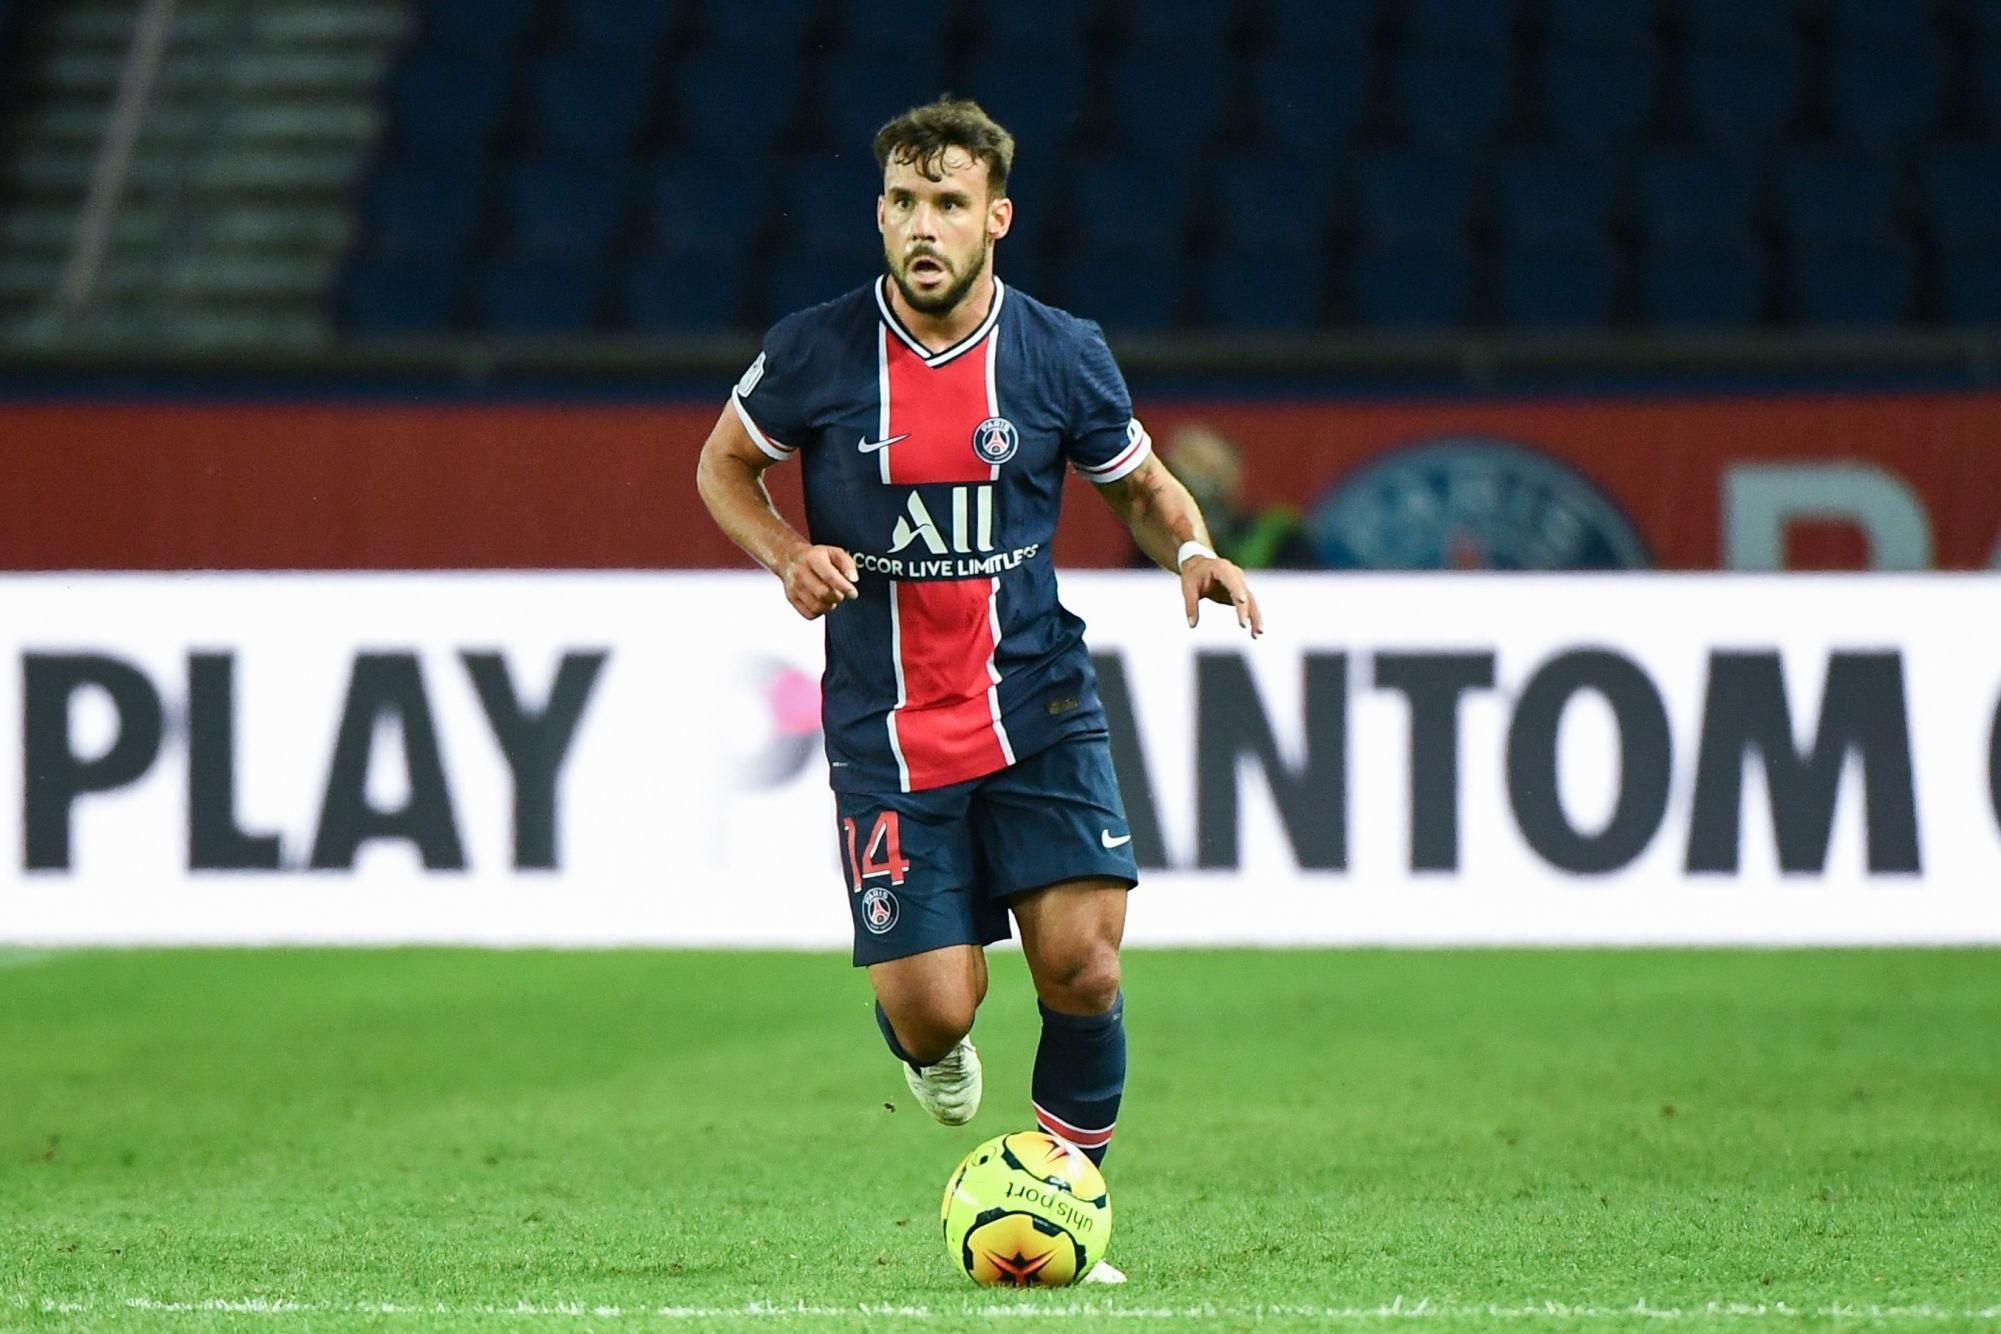 Bernat veut prolonger au PSG et espère un retour en mars, selon L'Equipe